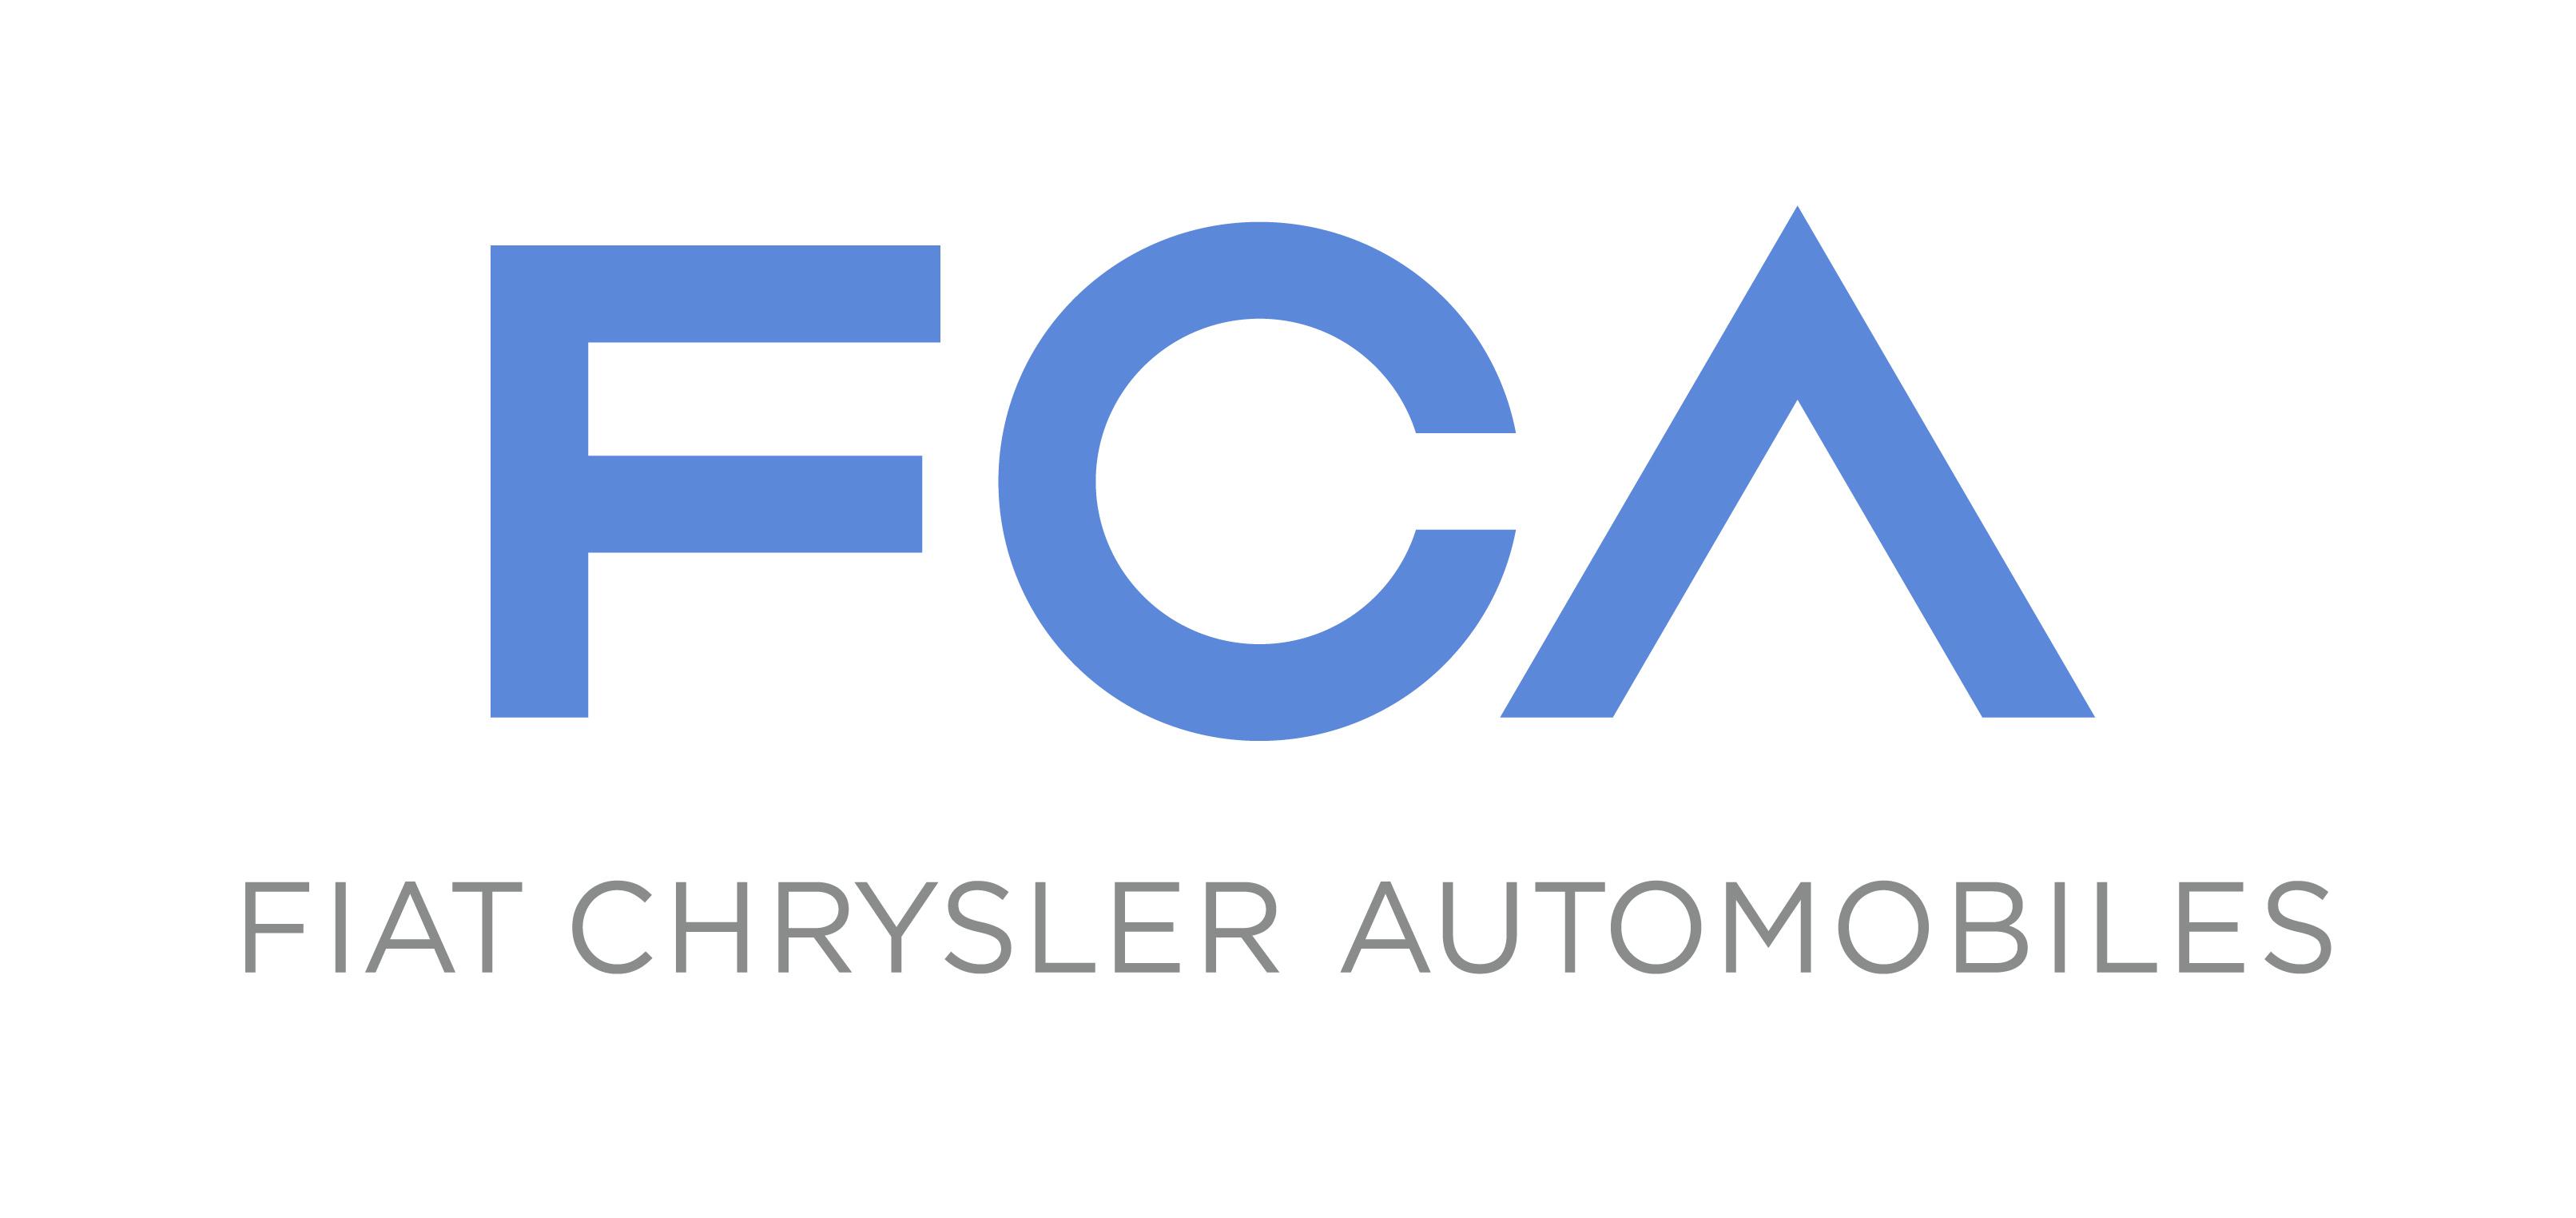 El Grupo FCA US invierte USD 300 millones en vehículos autónomos